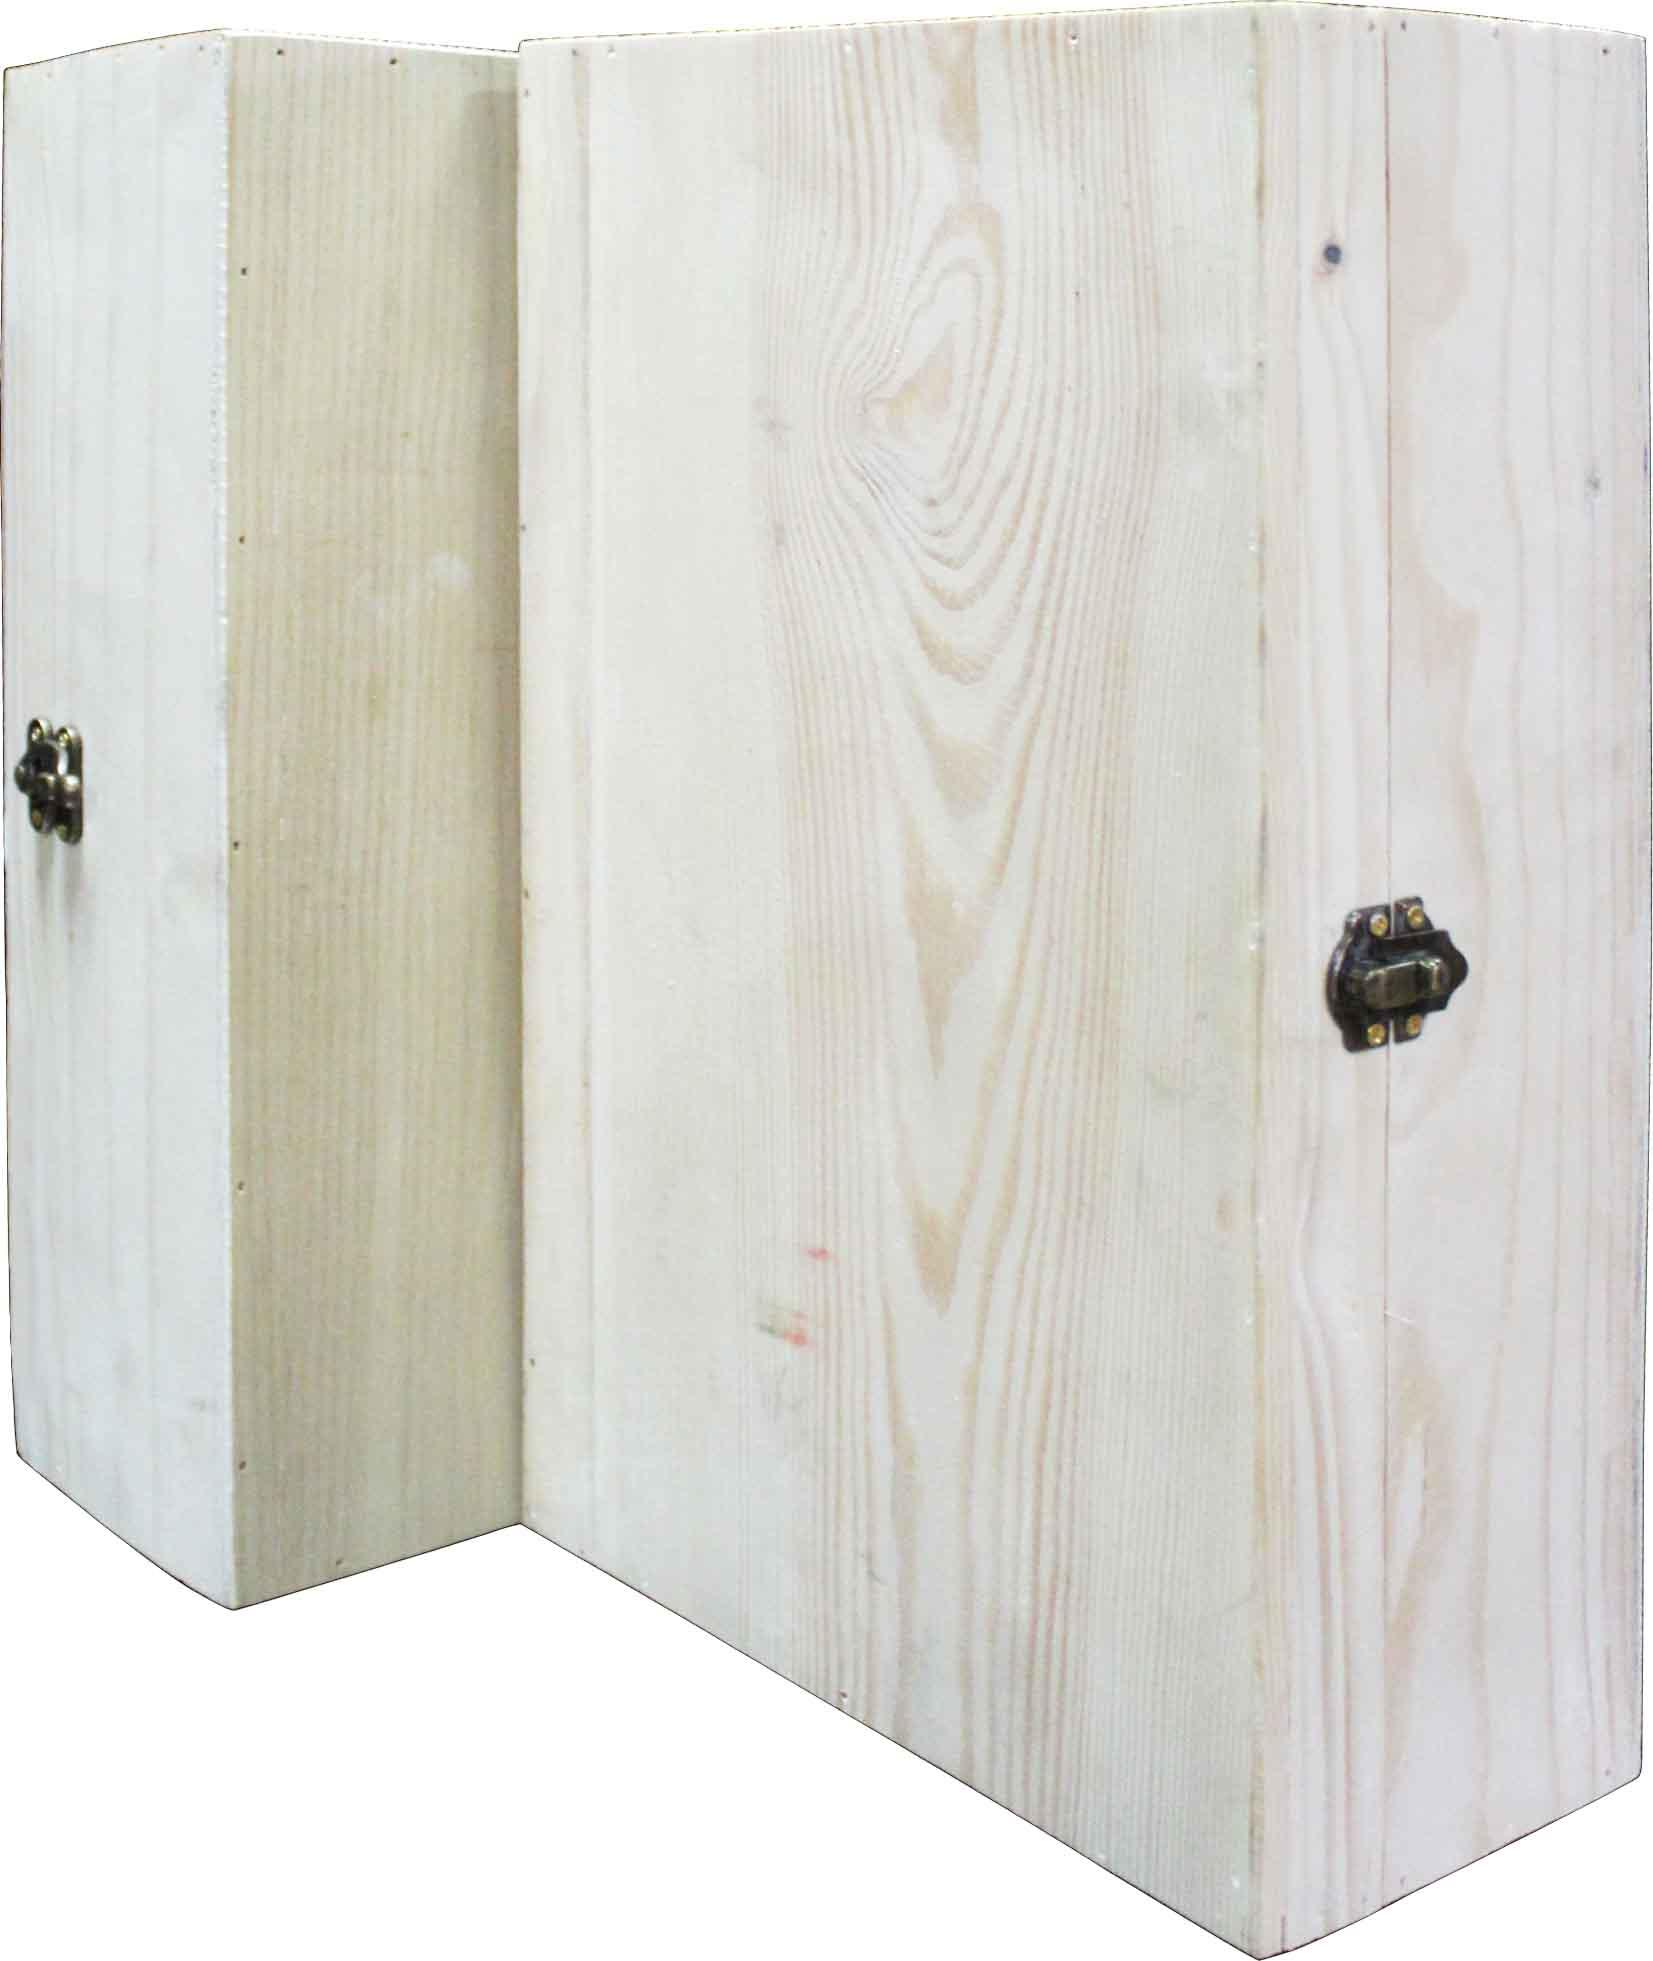 Hộp gỗ đôi nắp mở